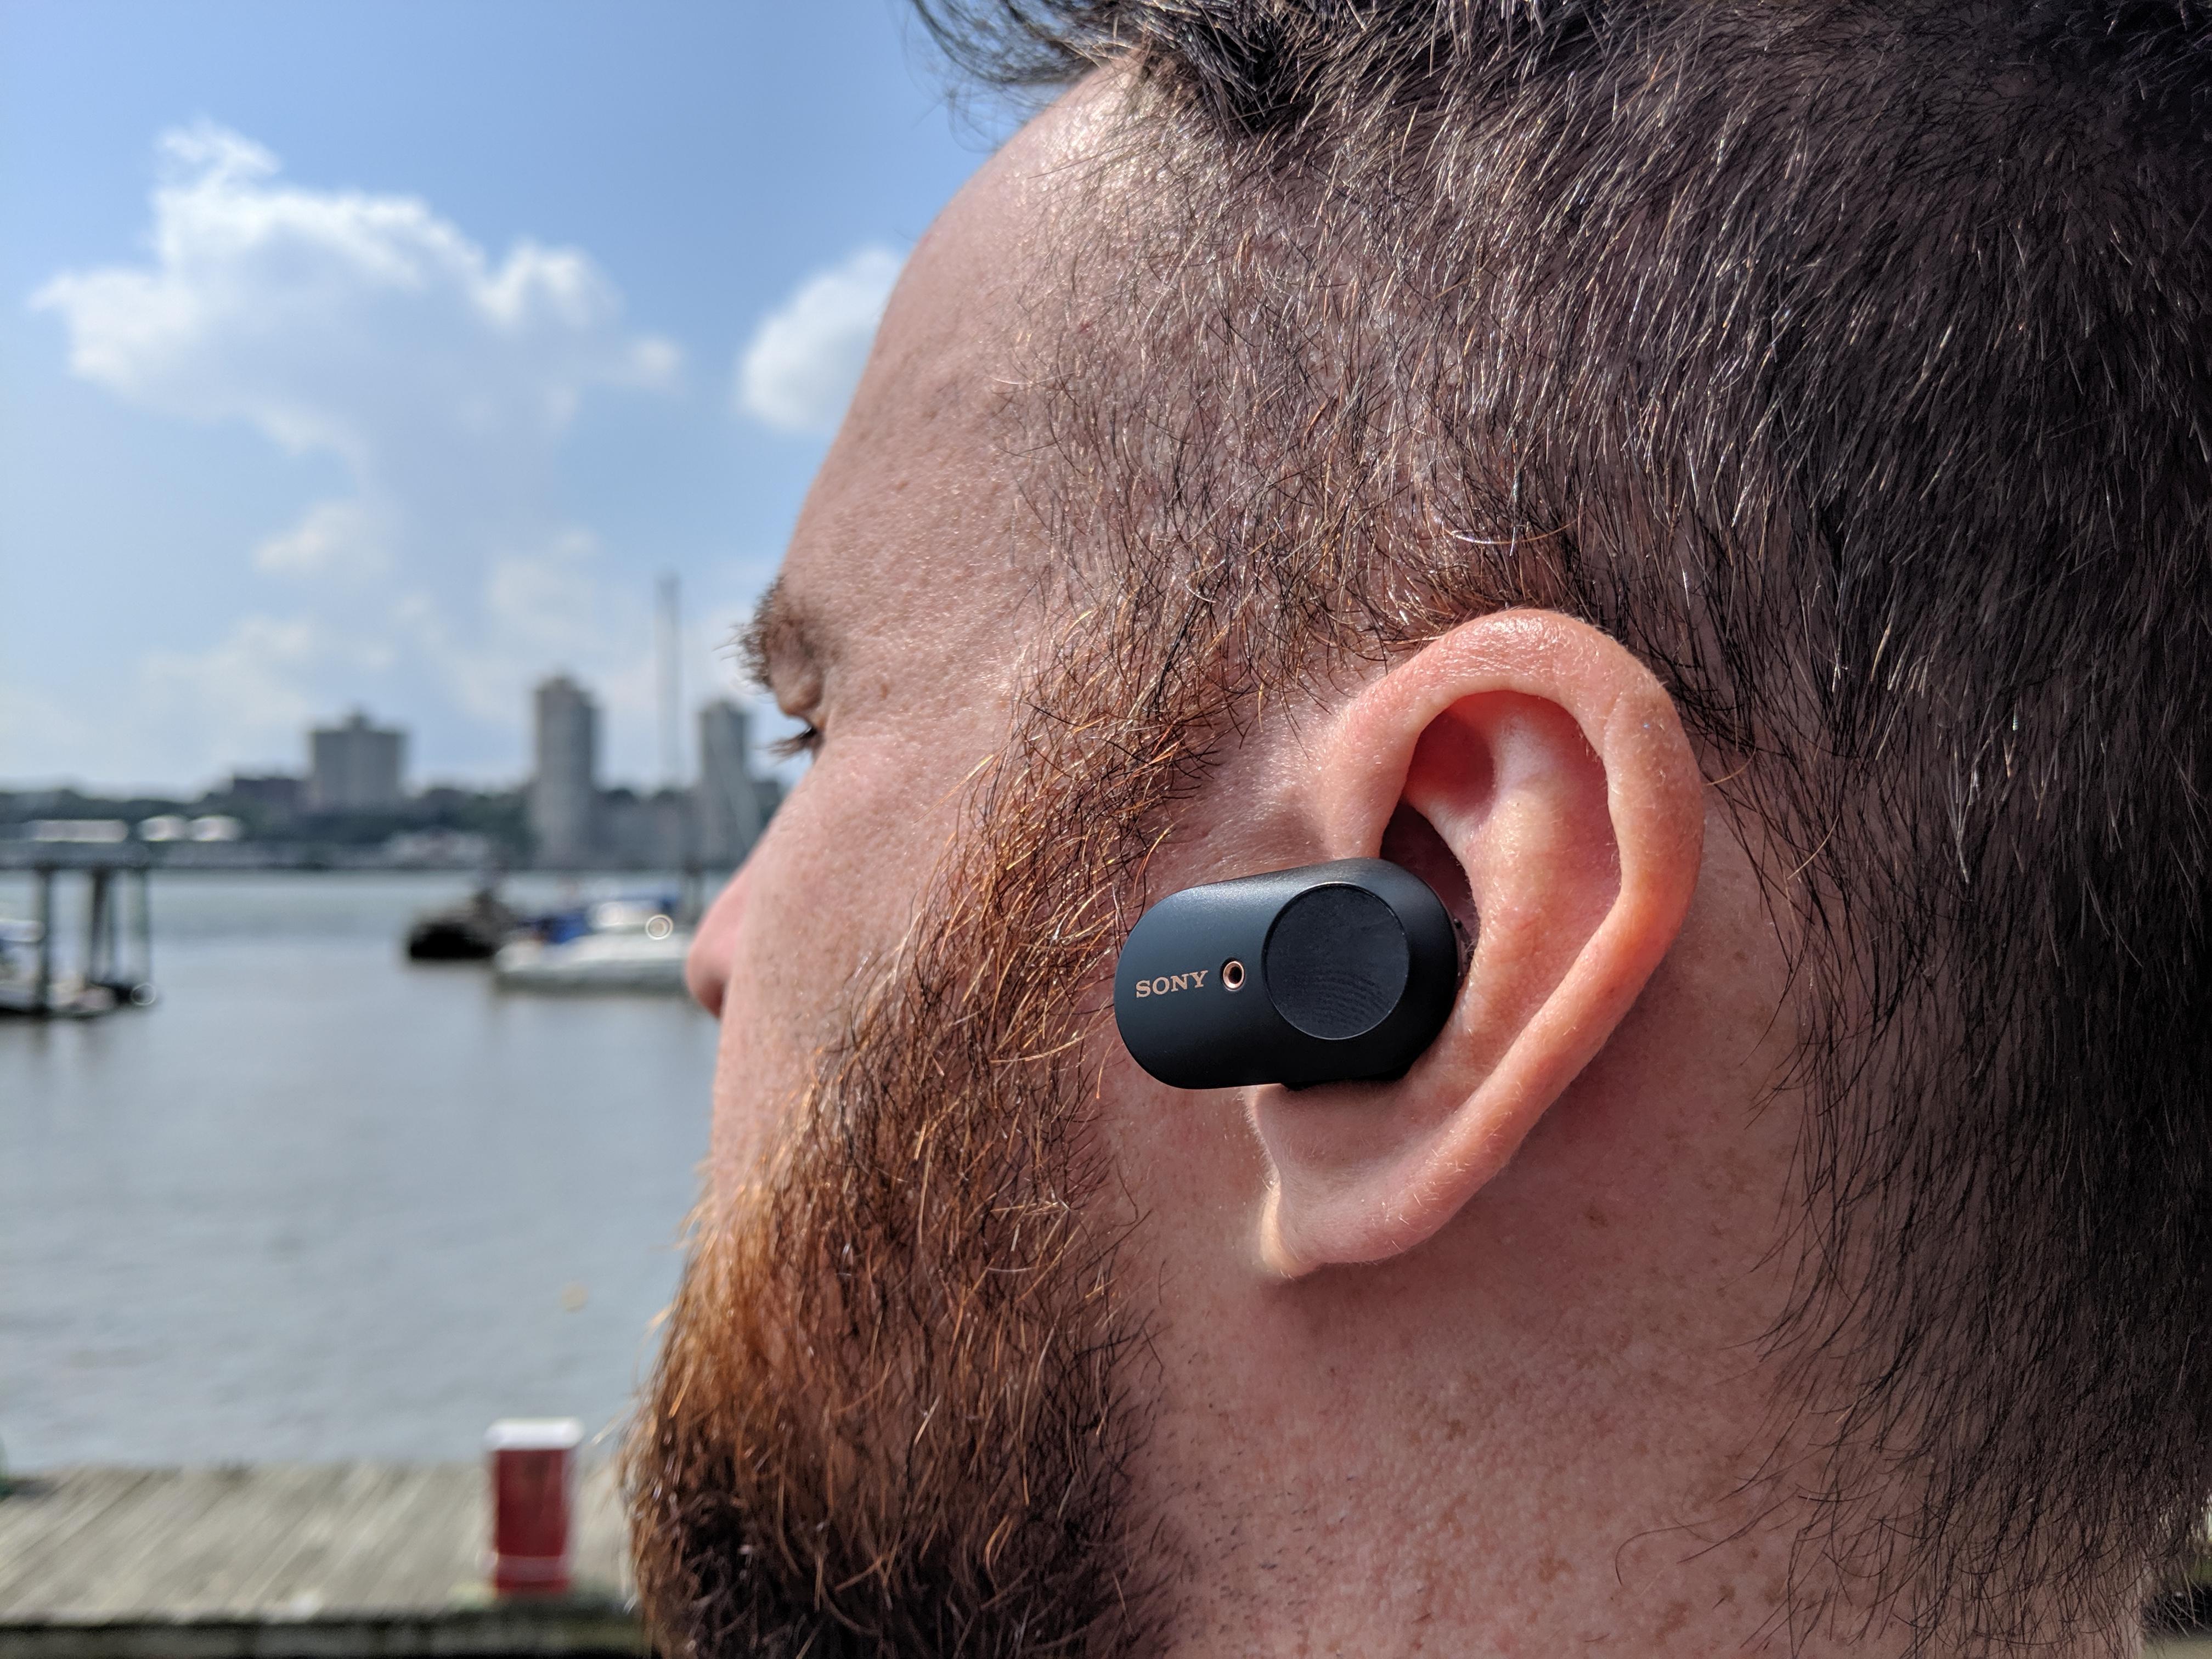 Os melhores fones de ouvido com cancelamento de ruído baratos: Sony WF-1000XM3 Earbuds